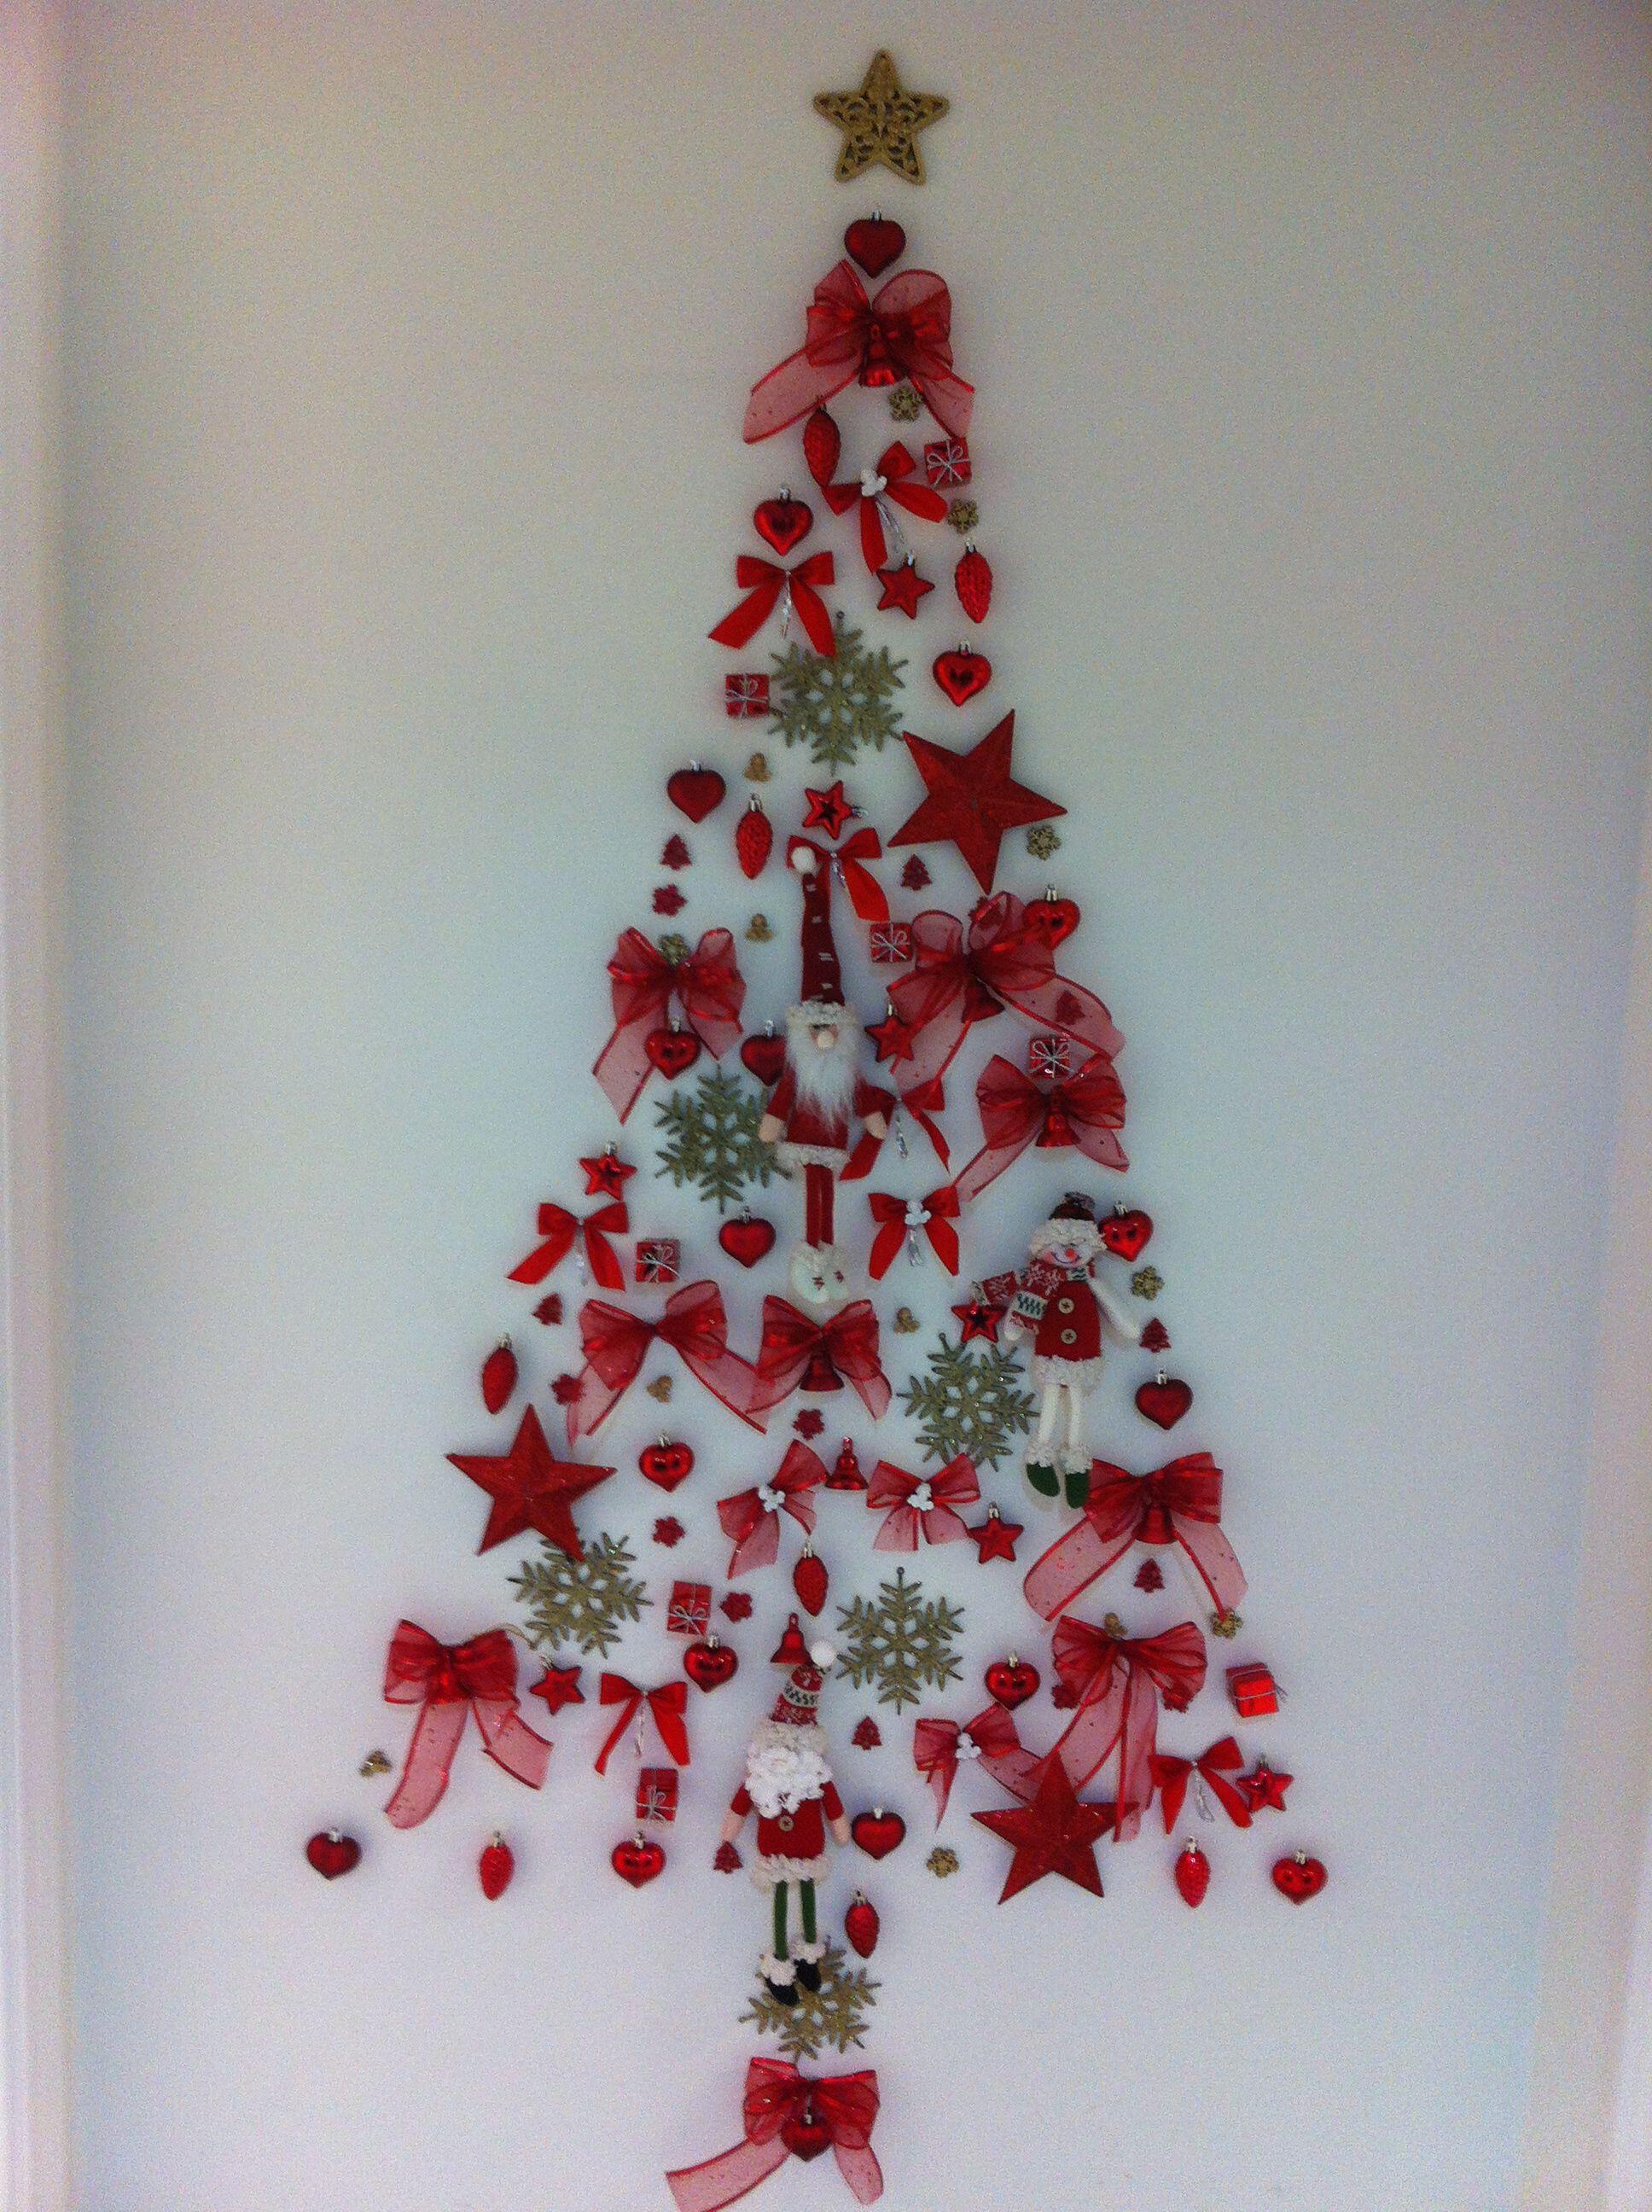 Rbol de navidad en pared mis manualidades navidad - Manualidades navidad arbol ...